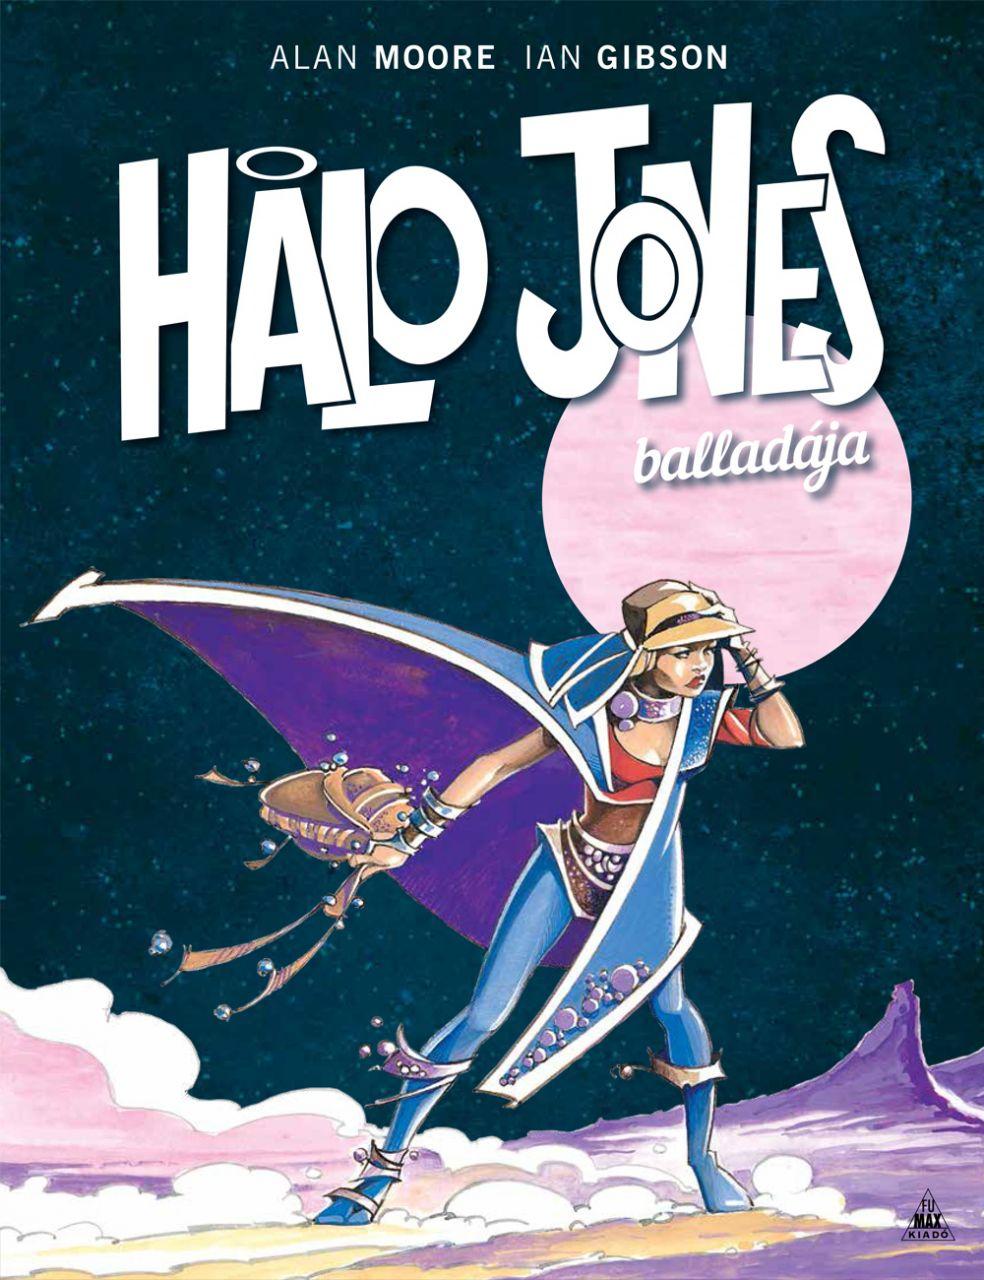 Alan Moore, Ian Gibson: Halo Jones balladája keménytáblás képregény